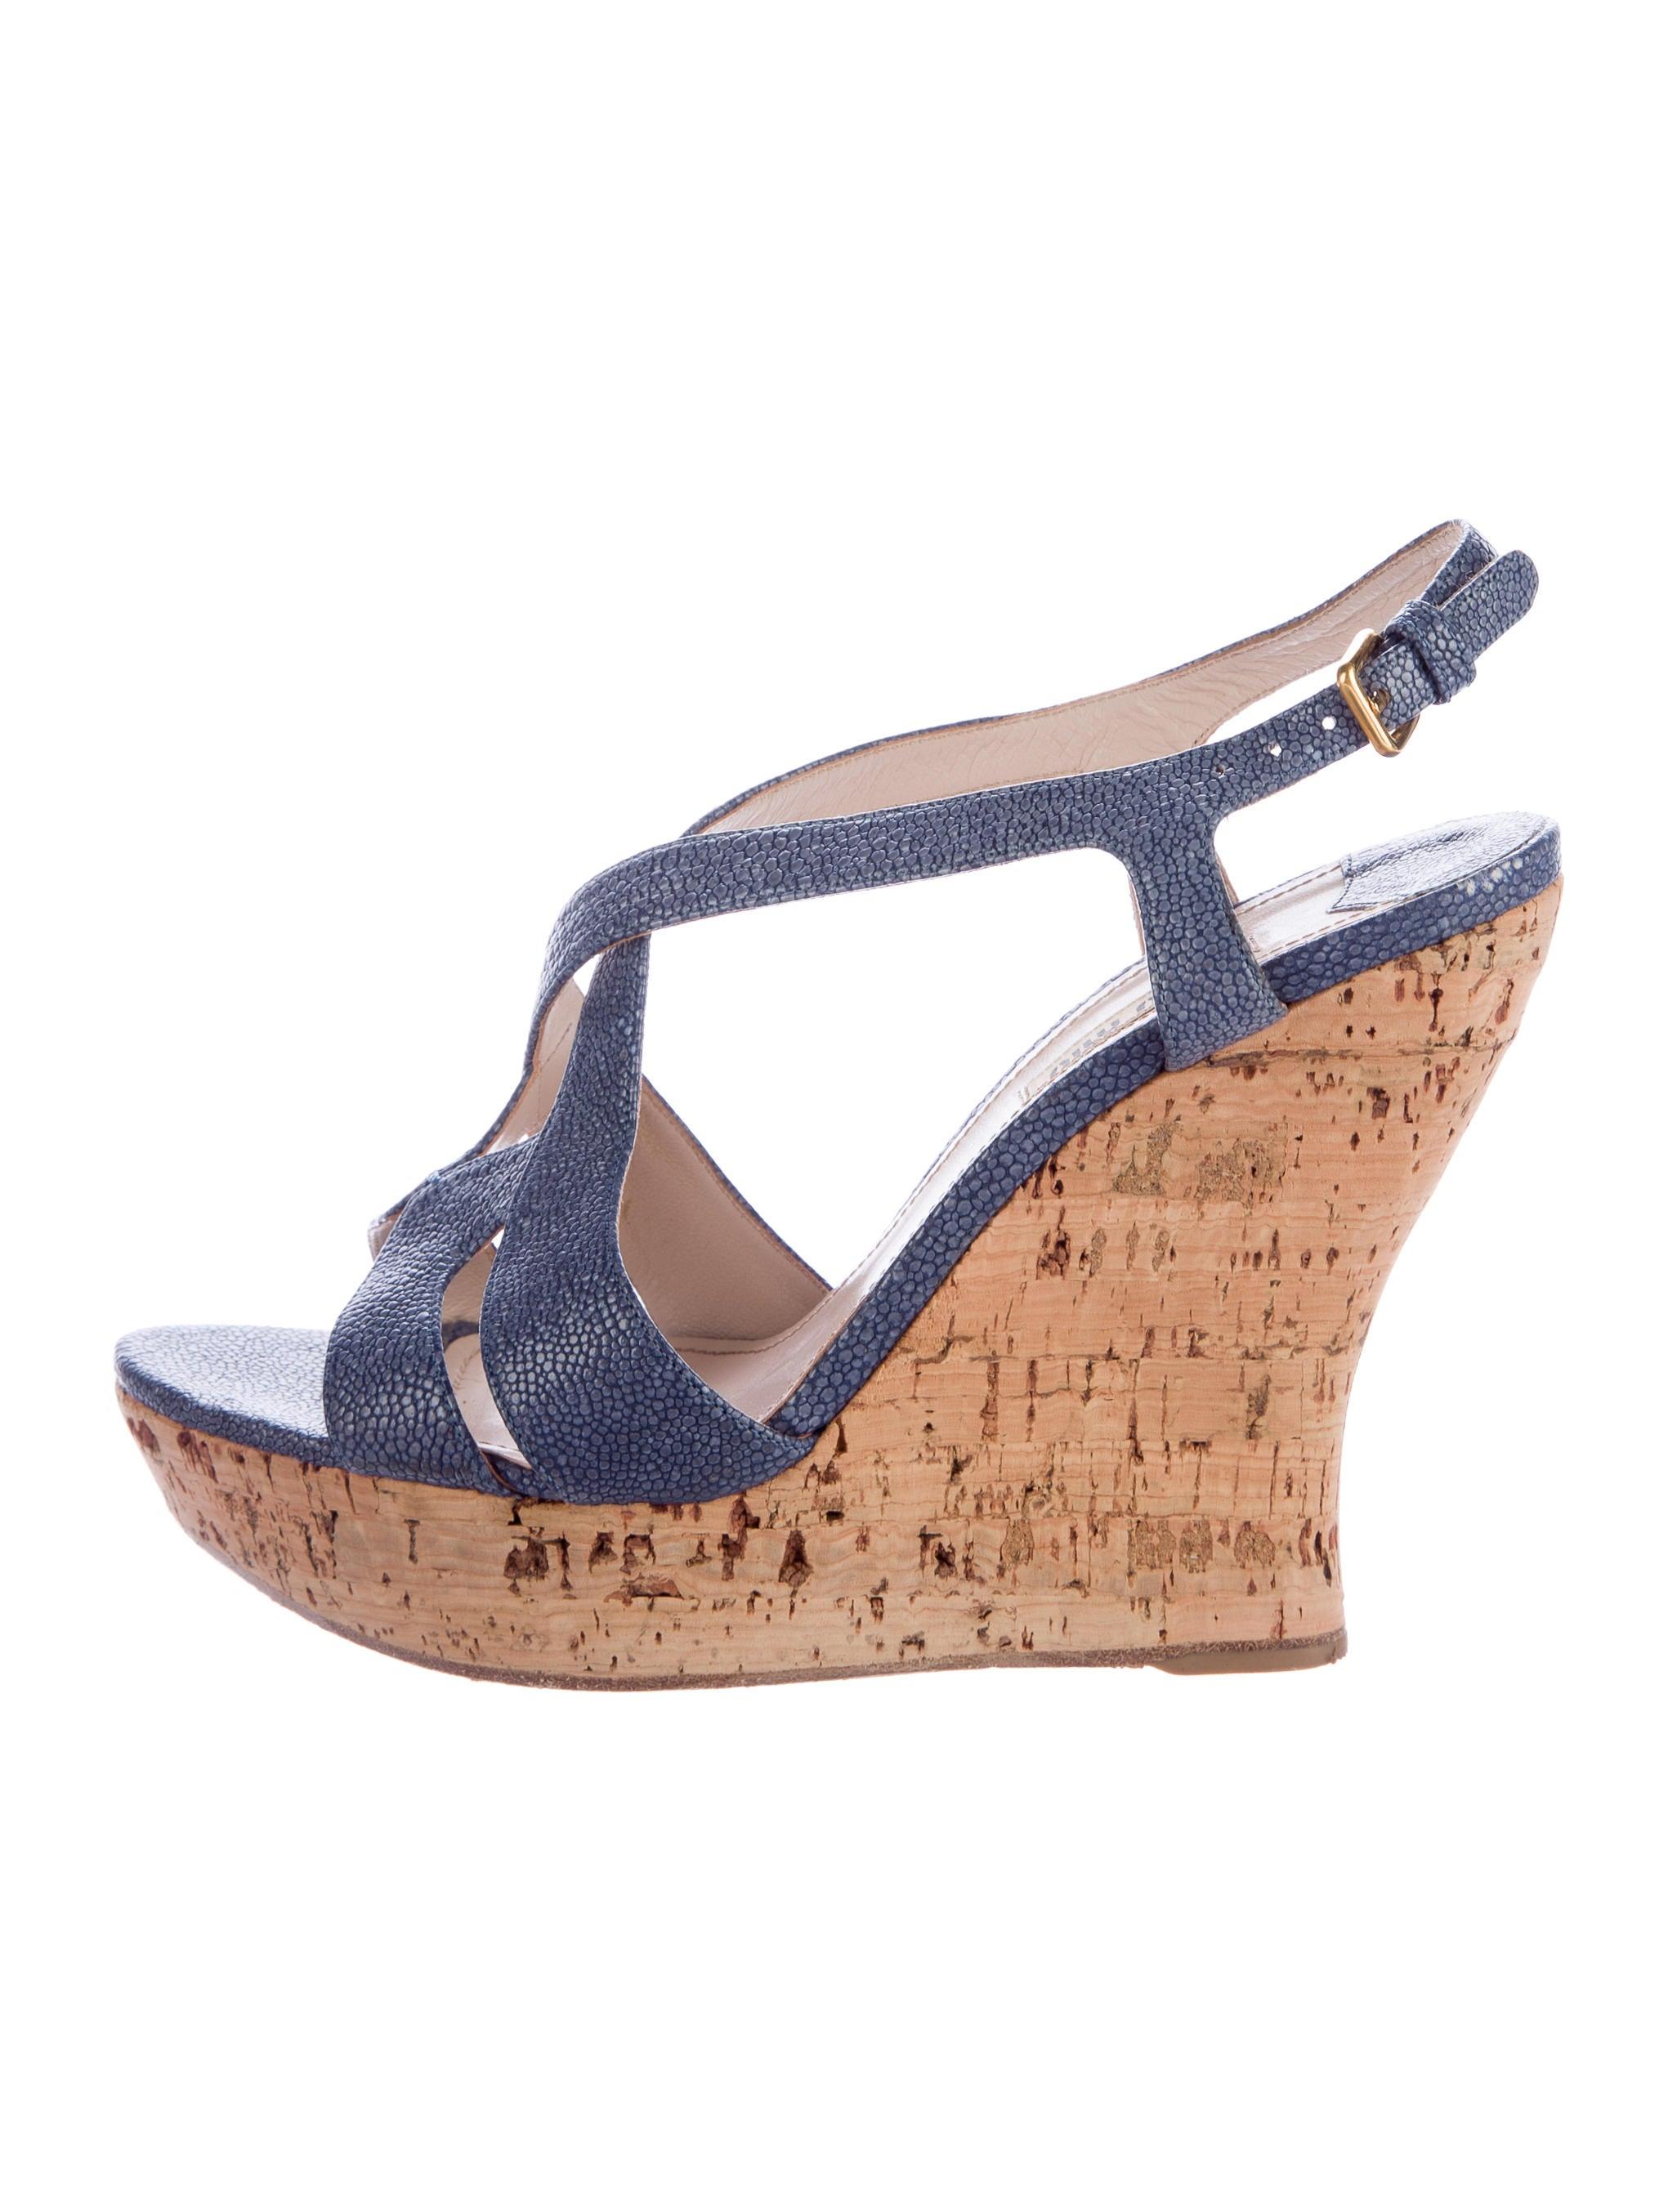 Miu Miu Stingray Wedge Sandals buy cheap websites jLt8qypMt